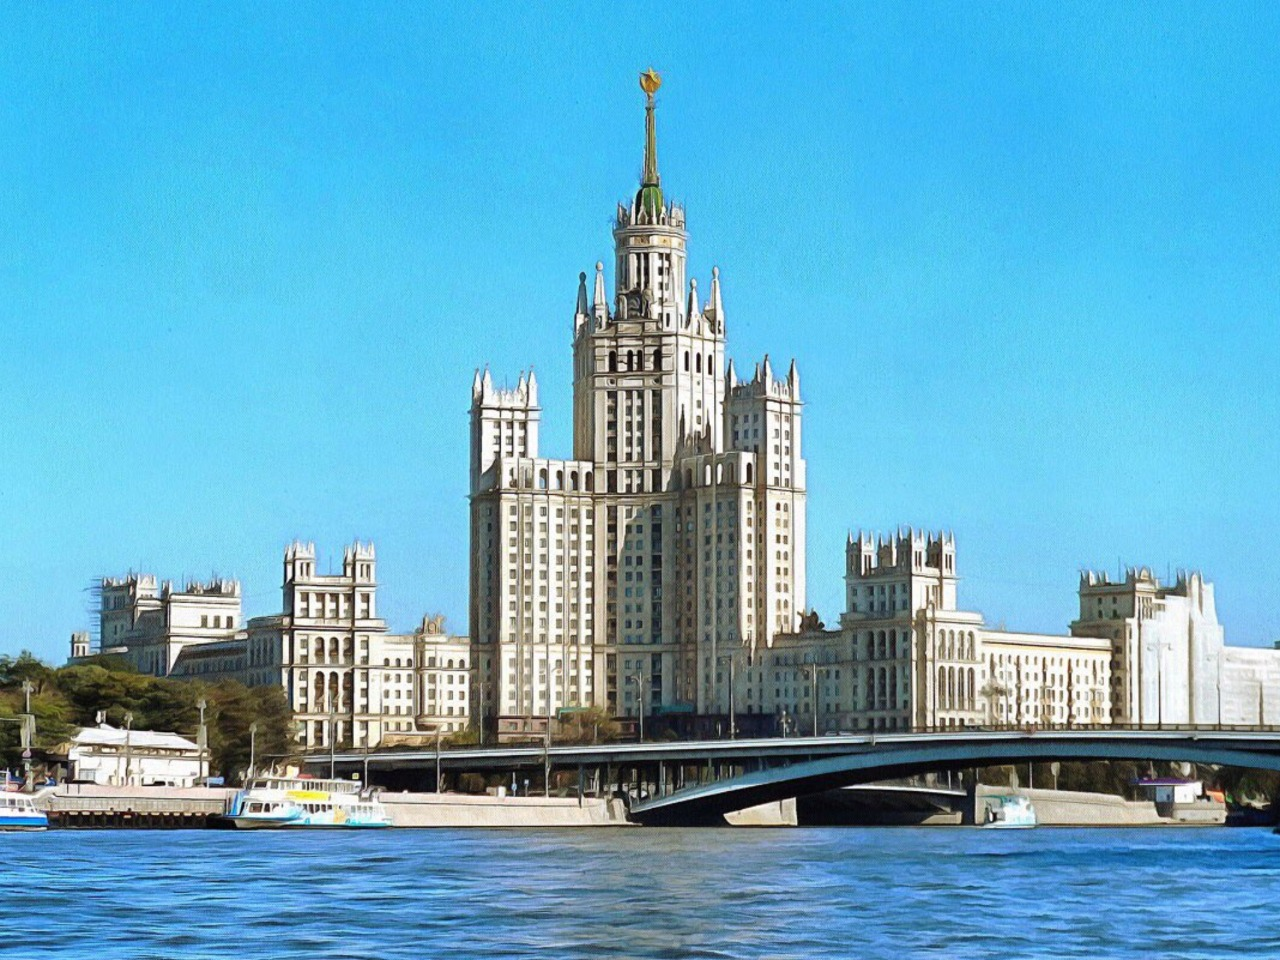 К великой балерине Улановой в Сталинскую высотку - групповая экскурсия по Москве от опытного гида